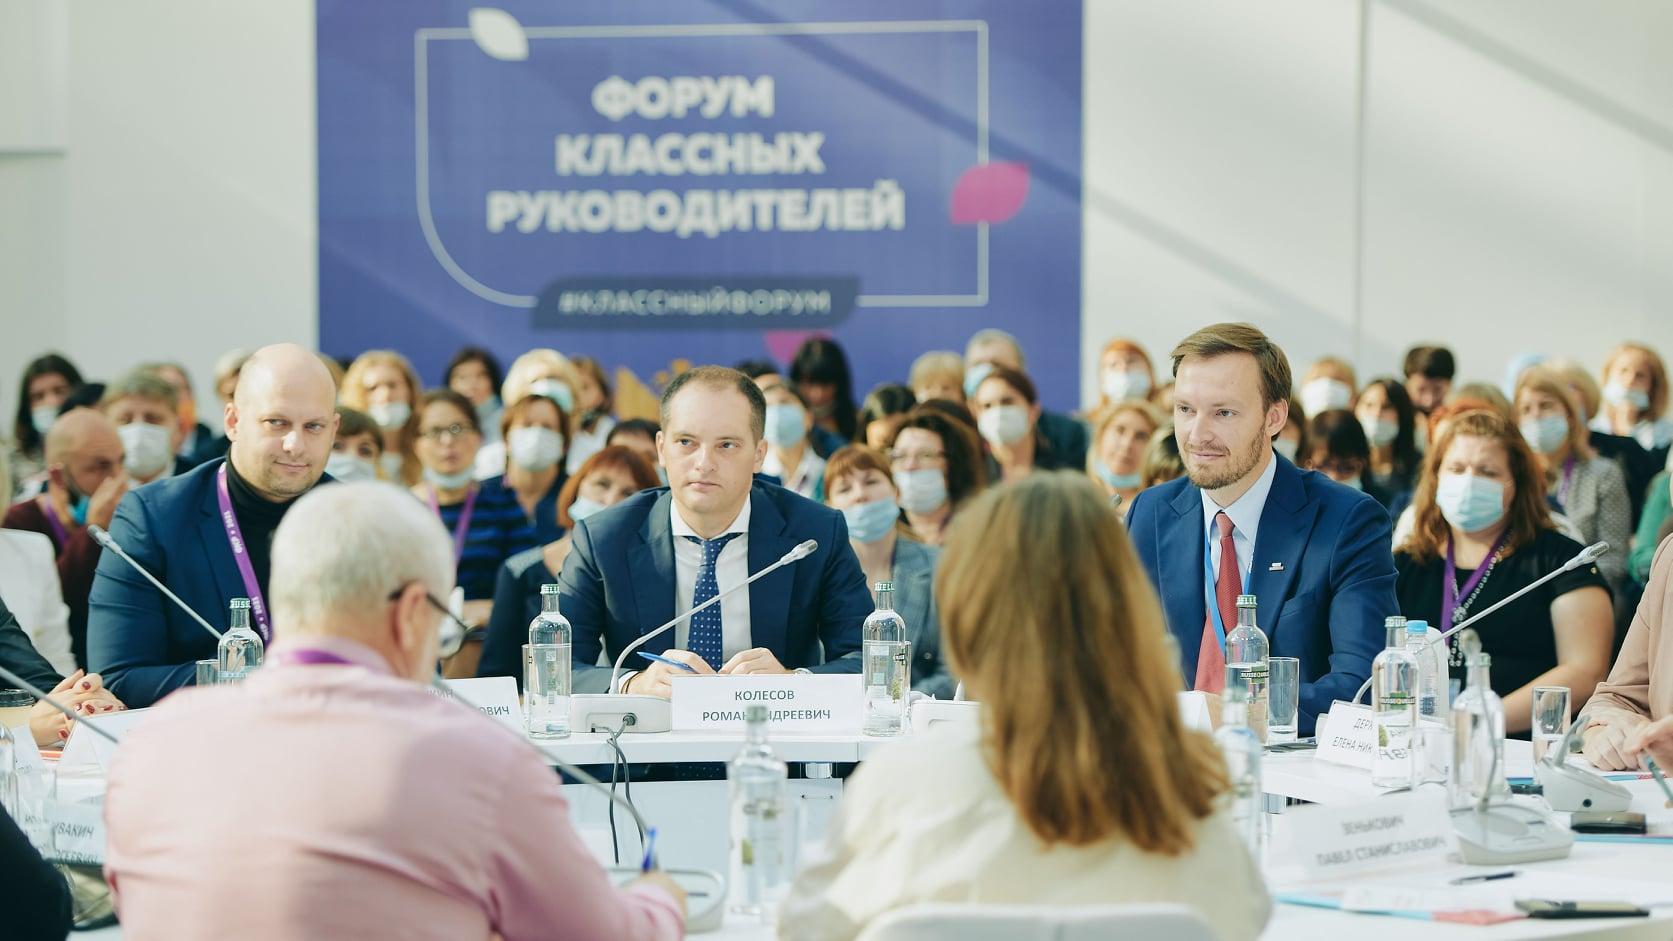 Представители Ярославской области представили опыт региона на всероссийском форуме